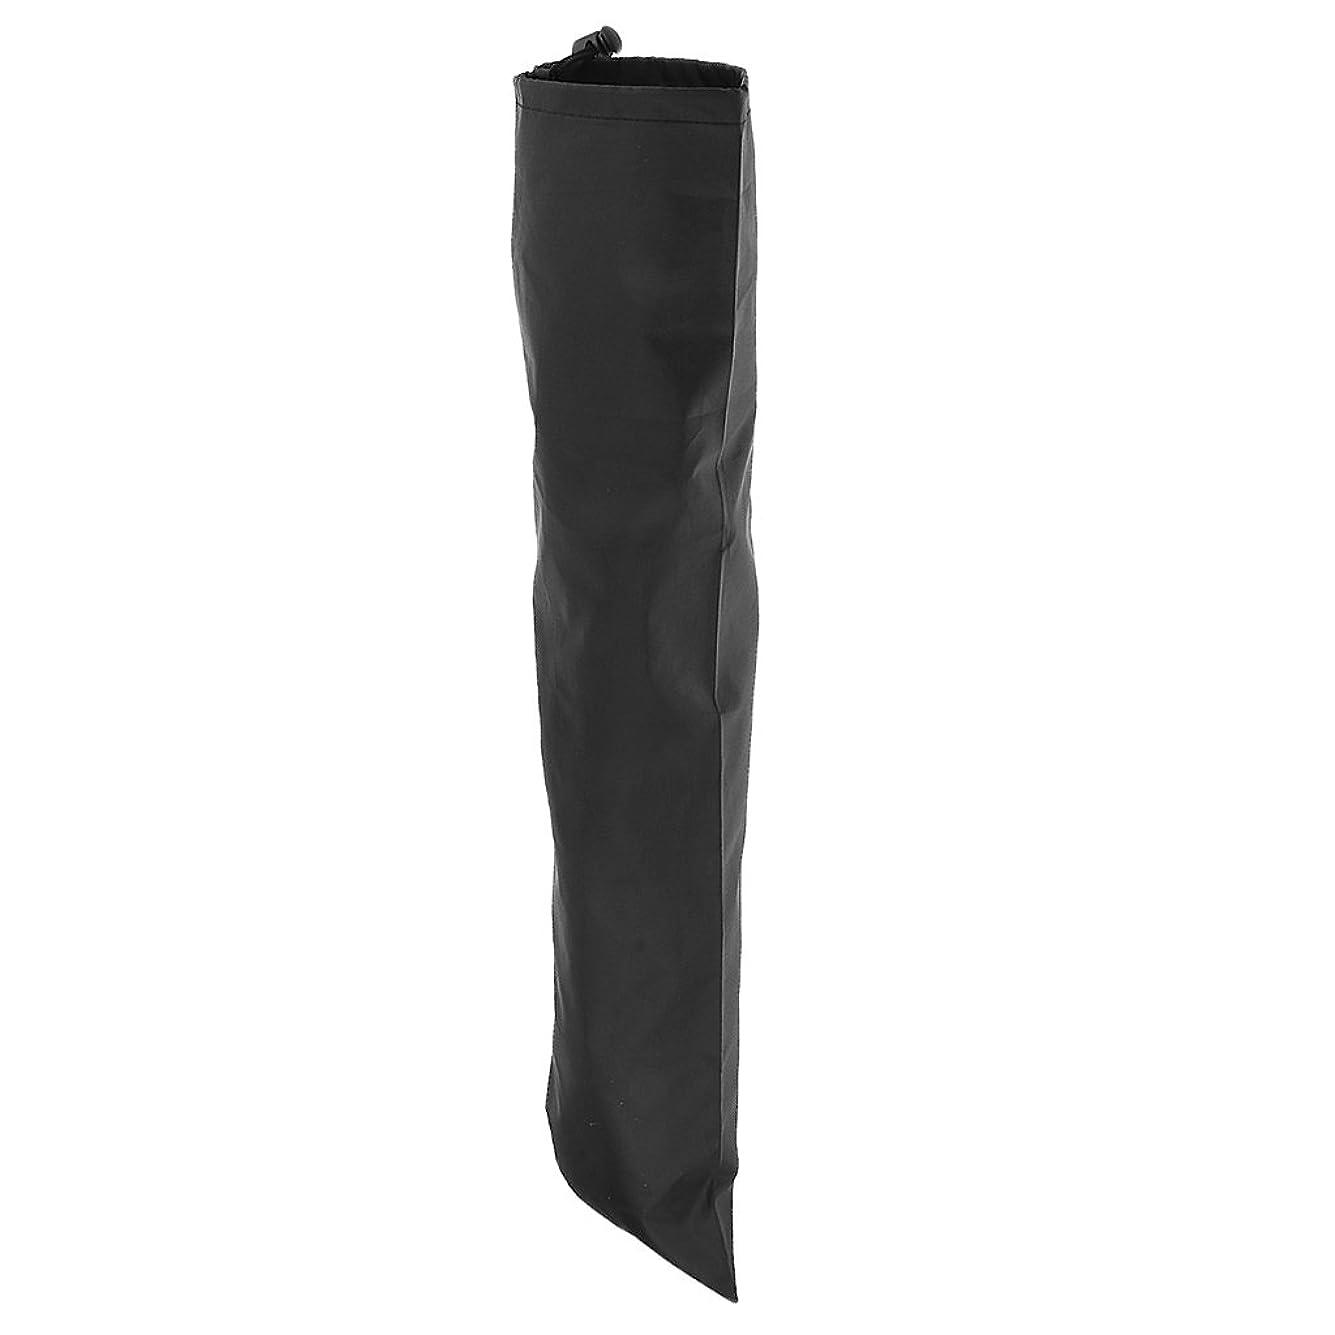 自分のお祝いタオルLovoski 折りたたみ可能 軽量 アルペンストック ハイキング ウォーキング トレッキングポール スティック カバー 収納ポーチ キャリーケース ホルダー 70 x 17 cm